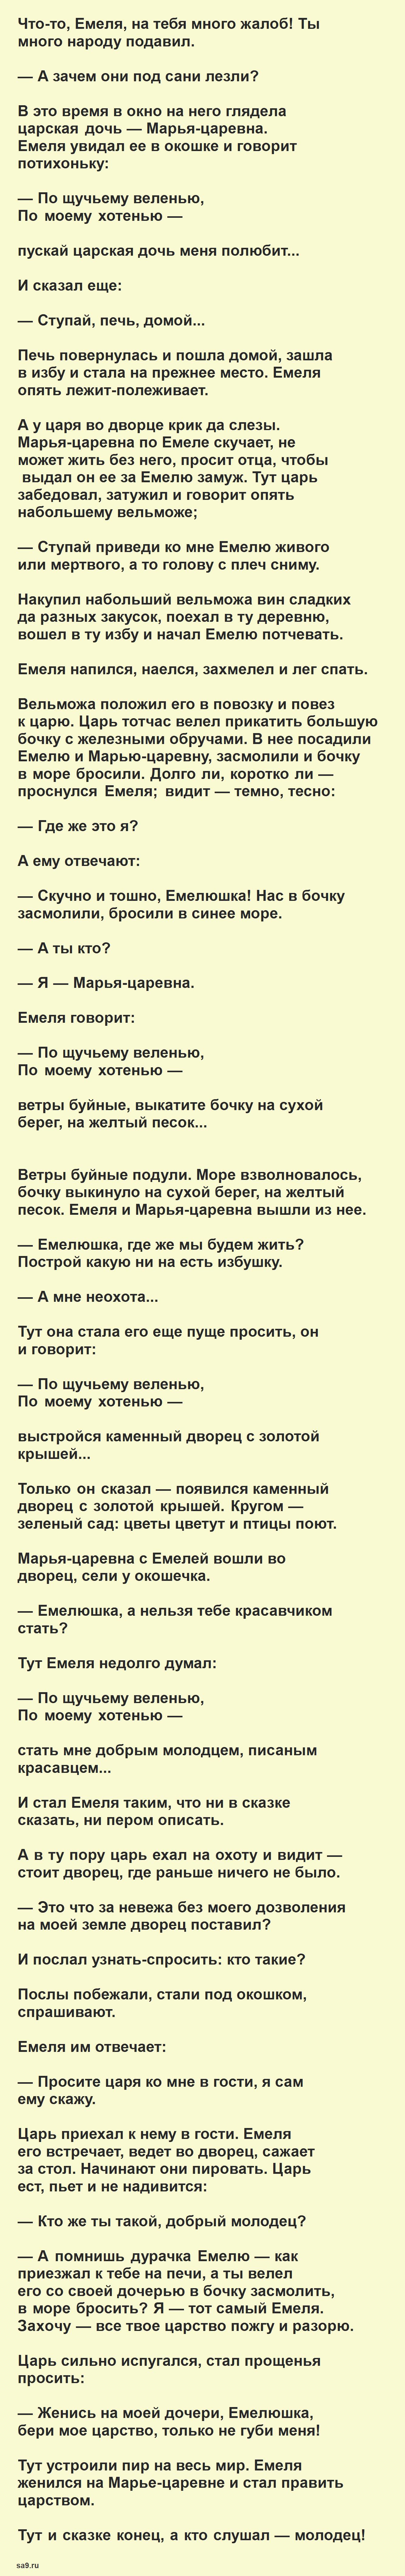 Русская народная сказка - По щучьему велению, читать онлайн бесплатно